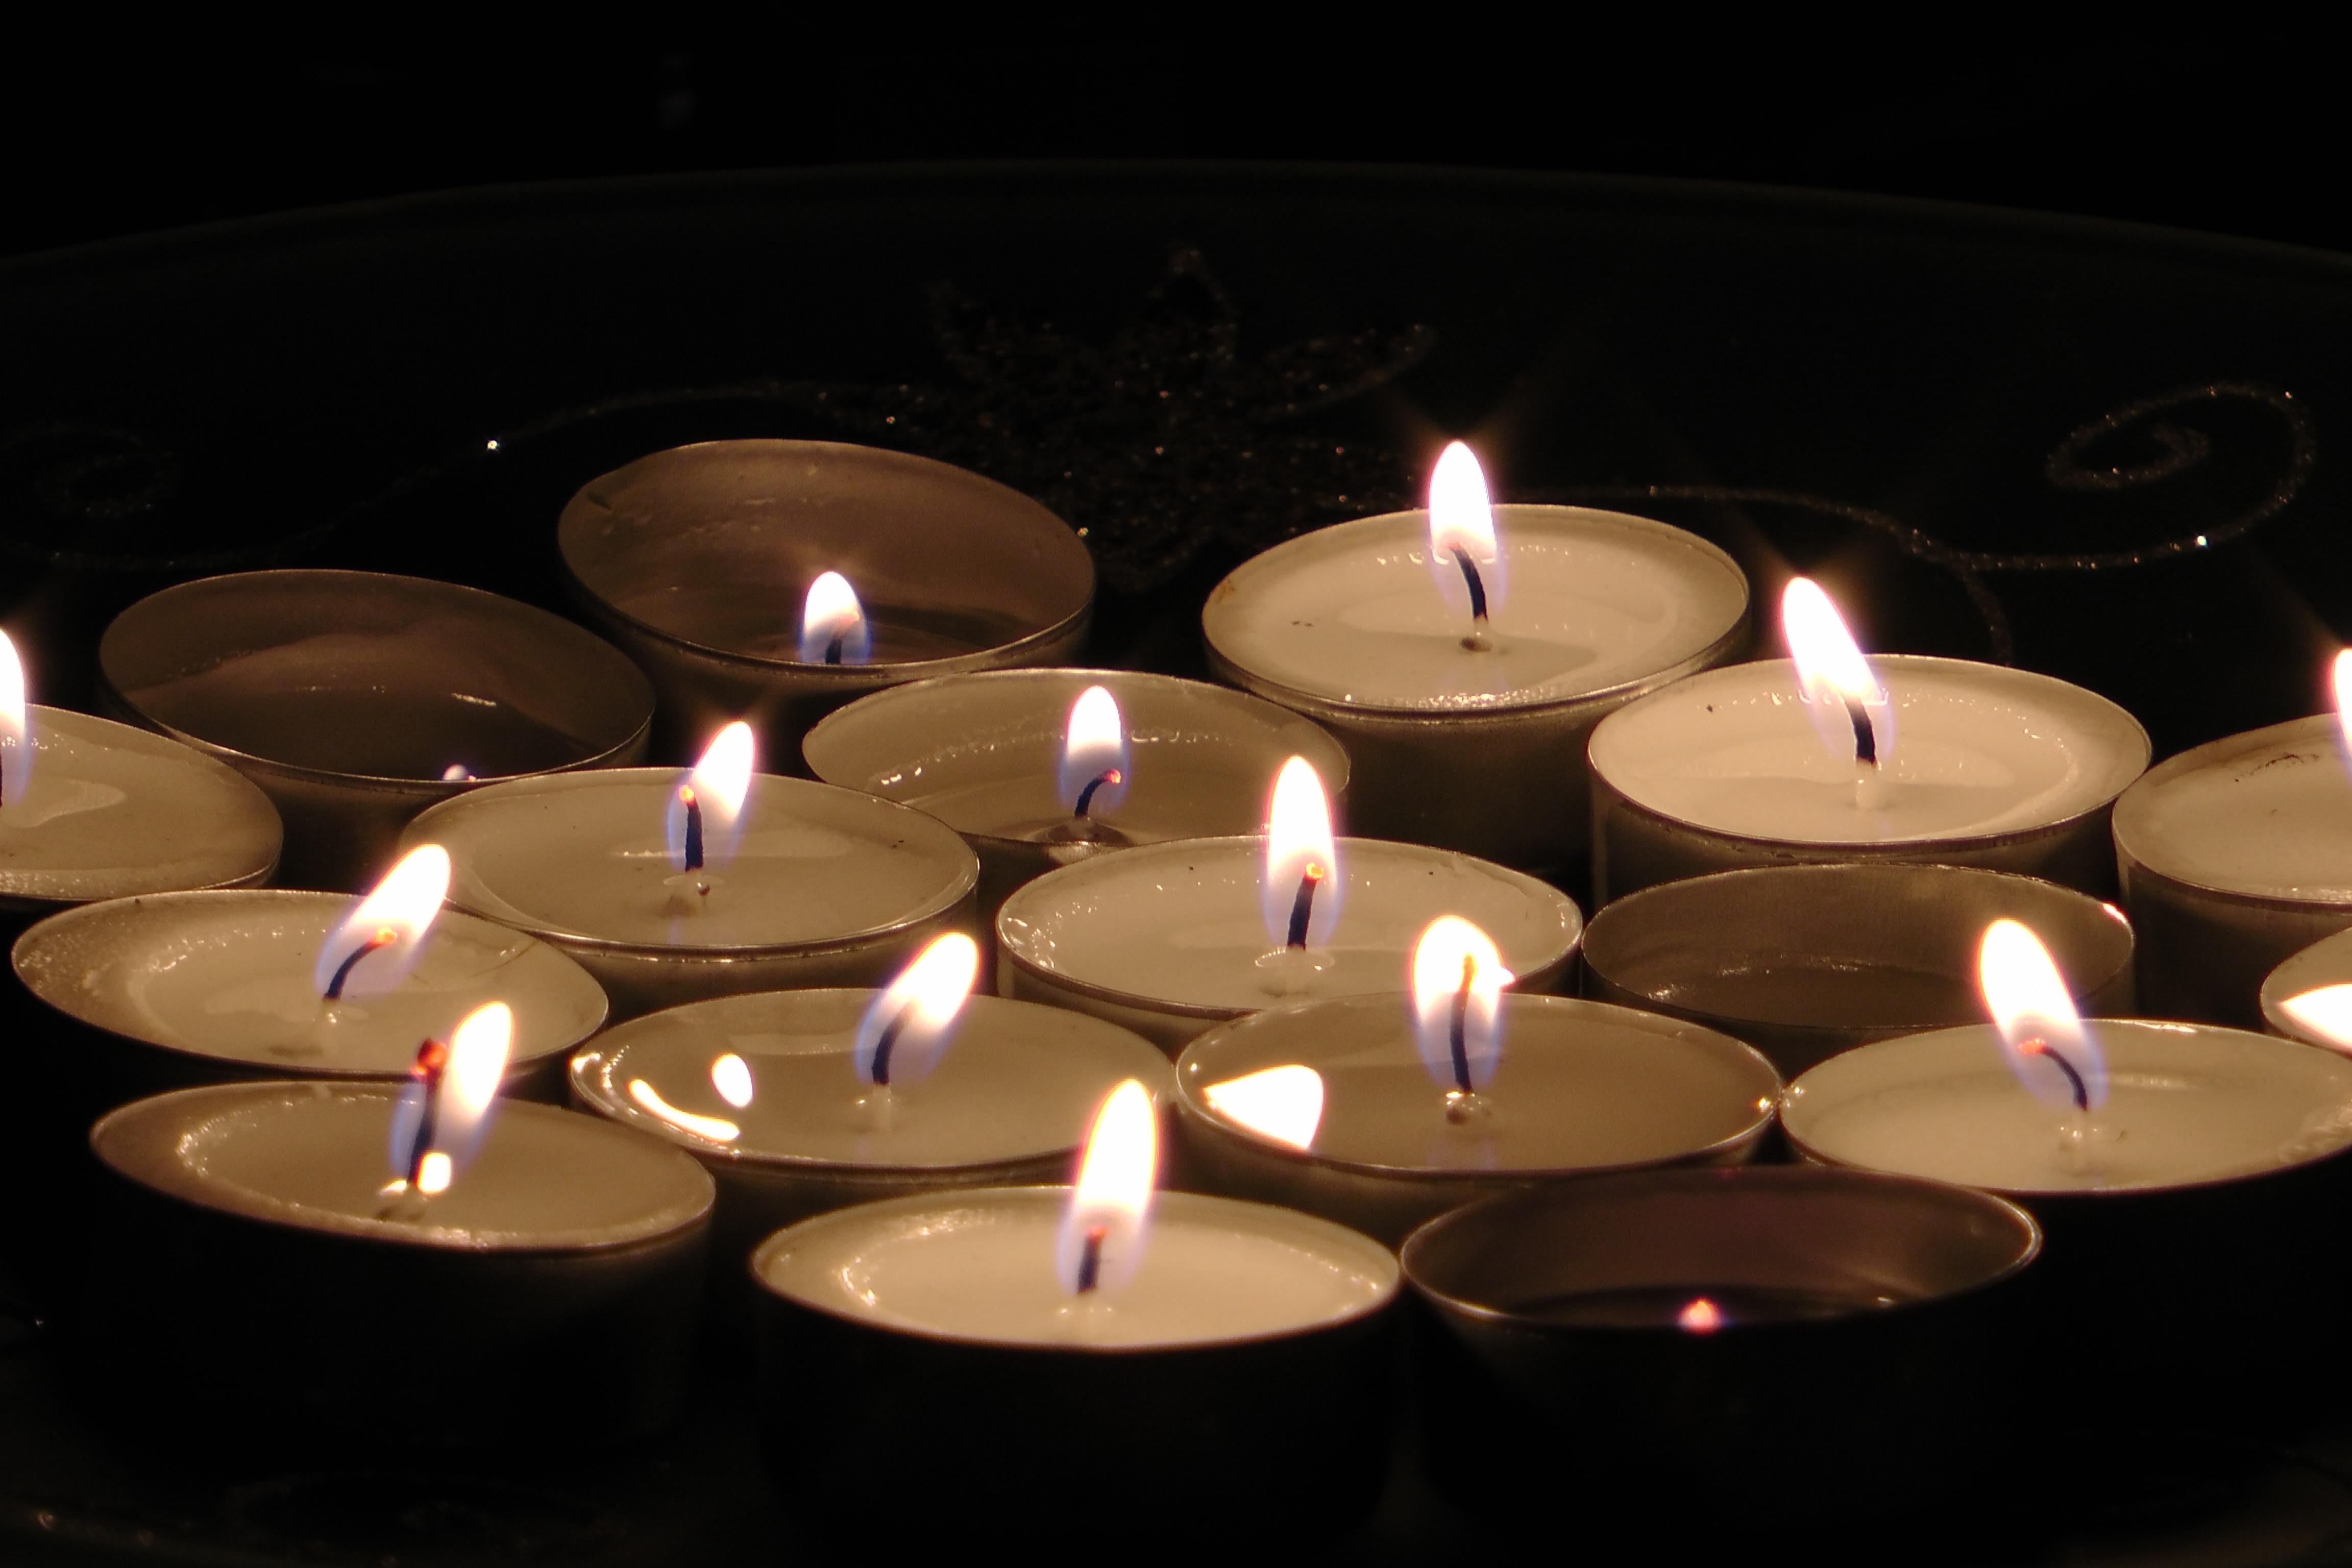 Gratis Afbeeldingen : licht, macro, vlam, brand, kaars, verlichting ...